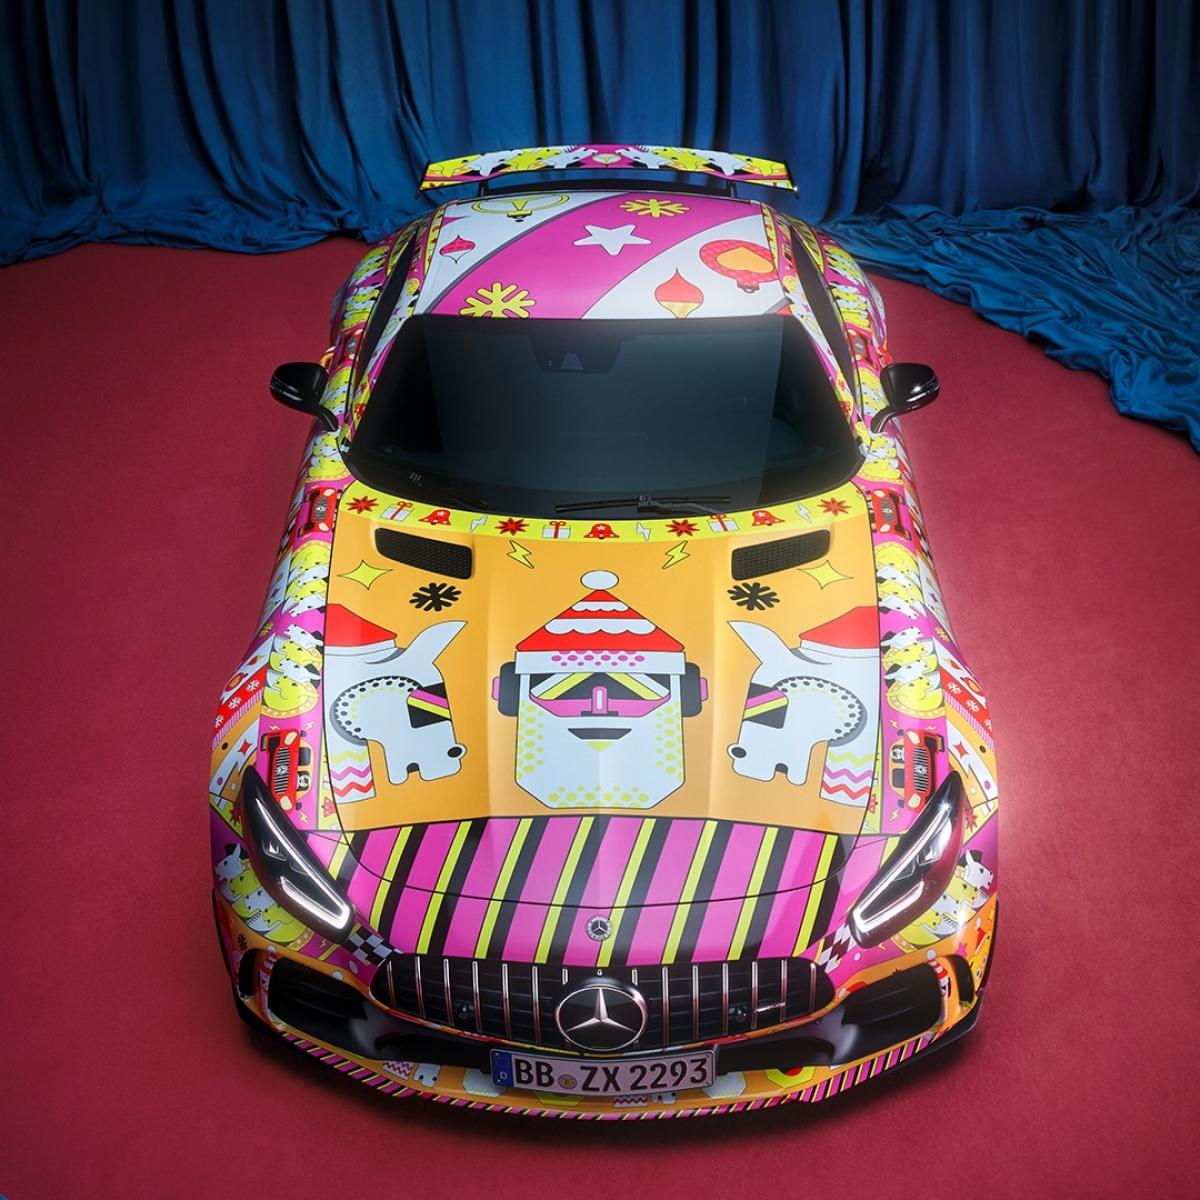 Chiếc AMG GT với ngoại hình được trang trí nhiều màu sắc.